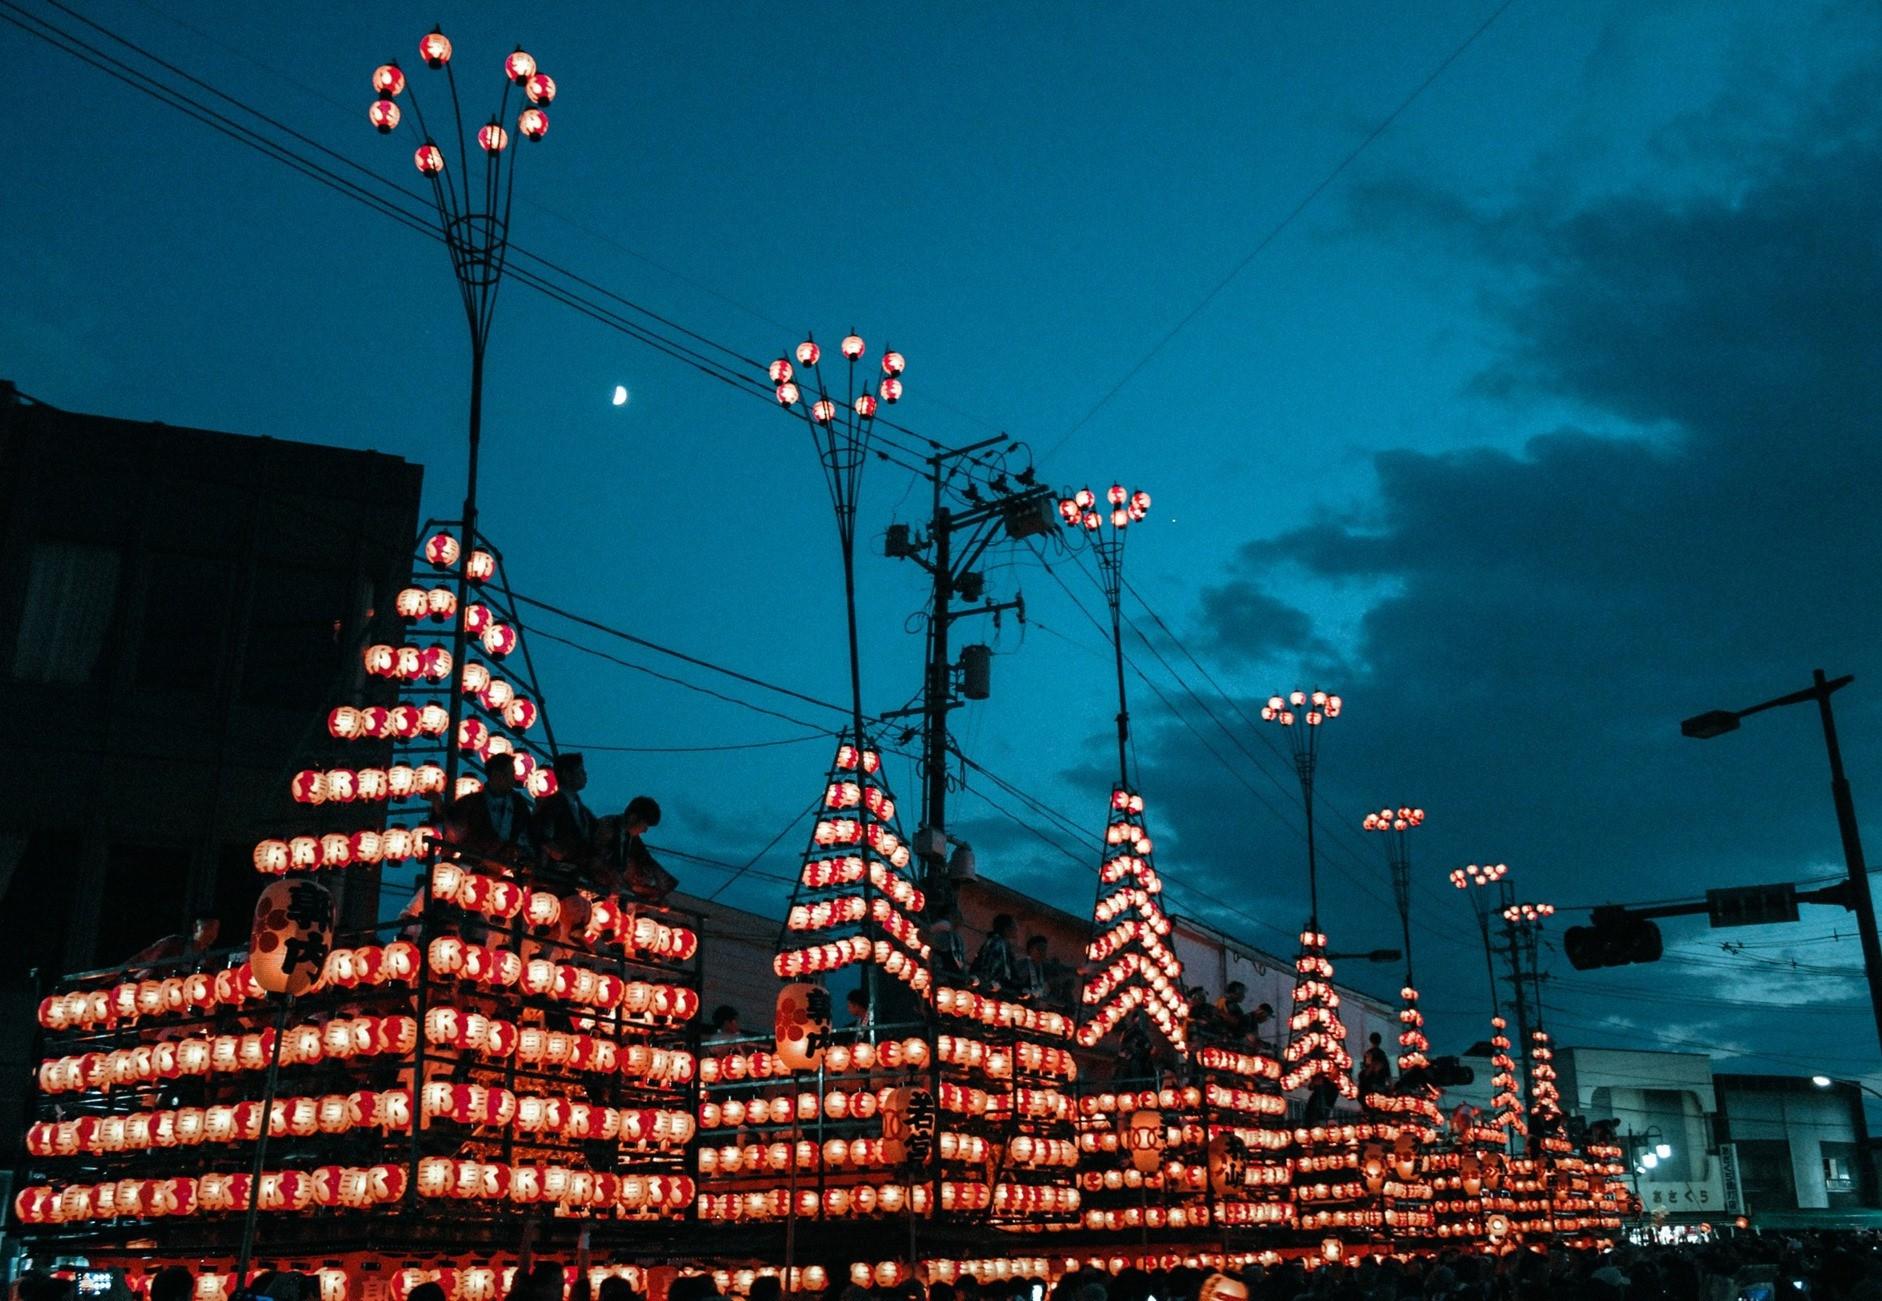 Chiêm ngưỡng lễ hội đèn lồng 350 tuổi ở Nhật Bản - Ảnh 6.